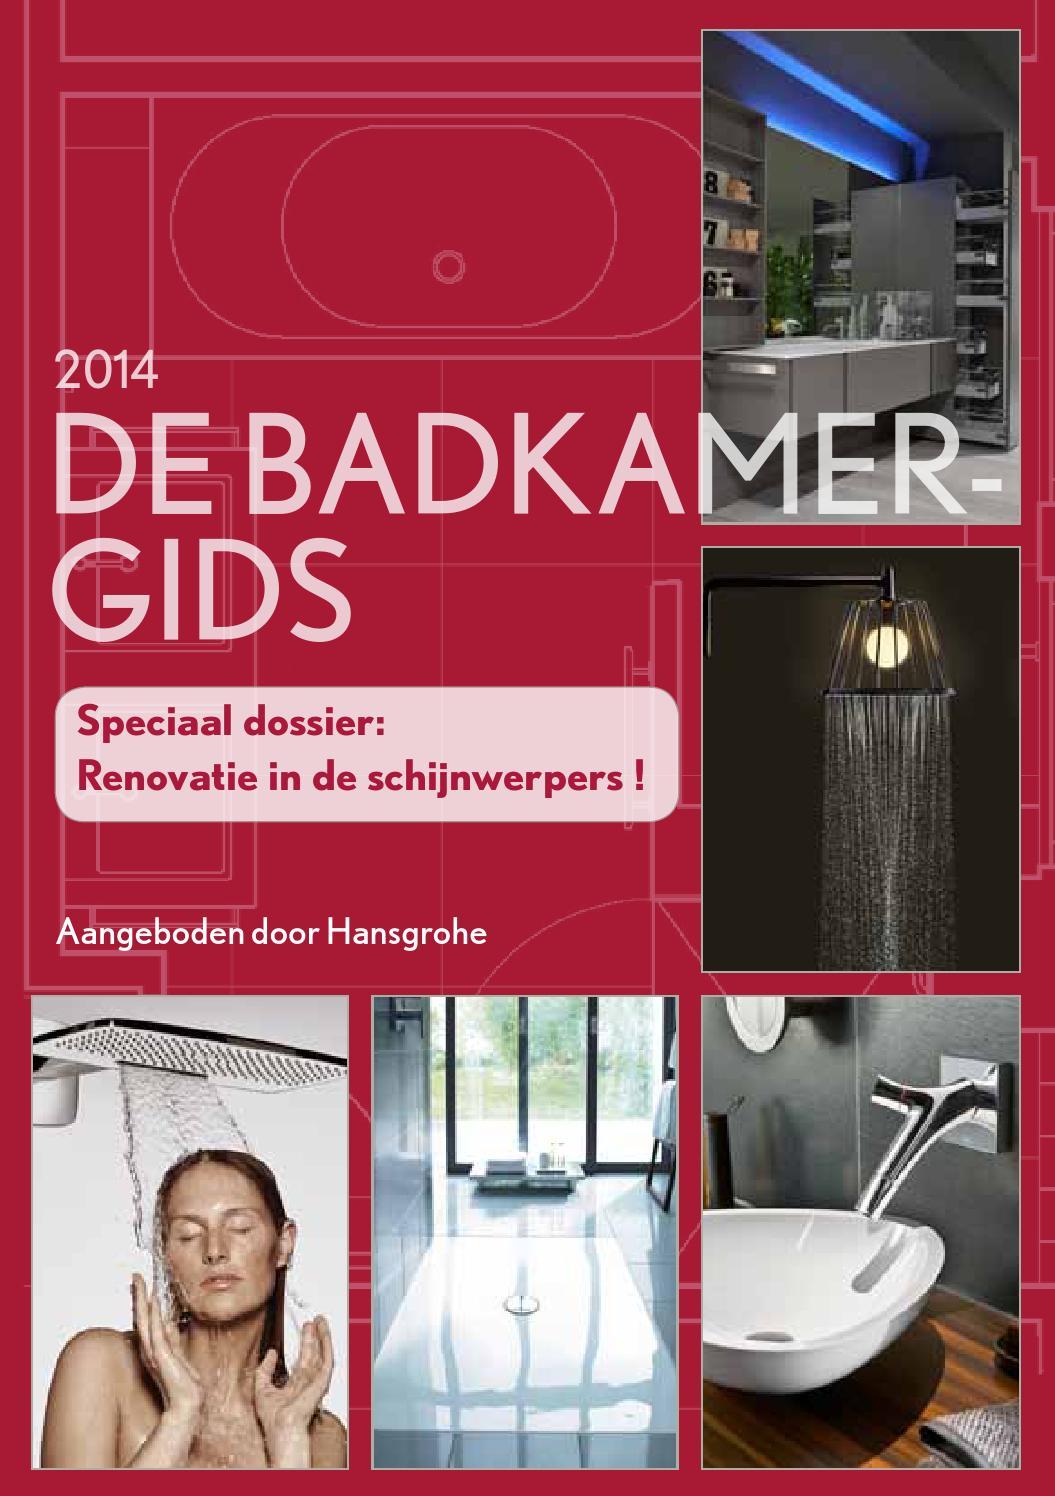 De badkamergids 2014 by hansgrohe nv/sa   issuu